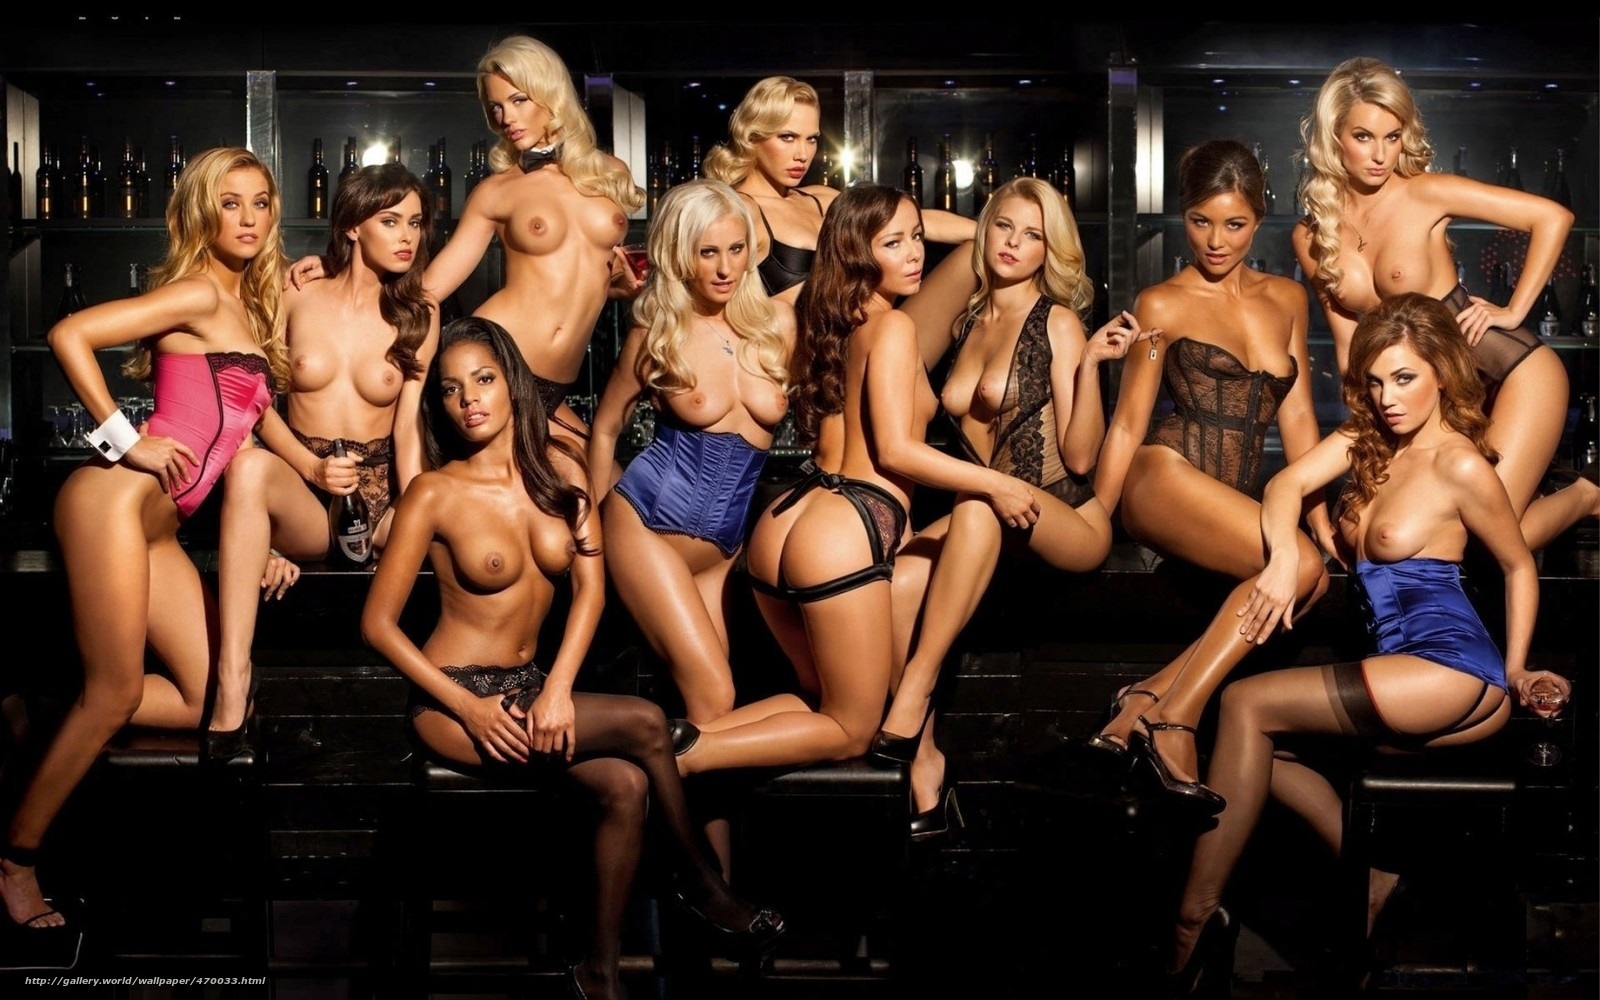 Фото голых девушек 2011 5 фотография